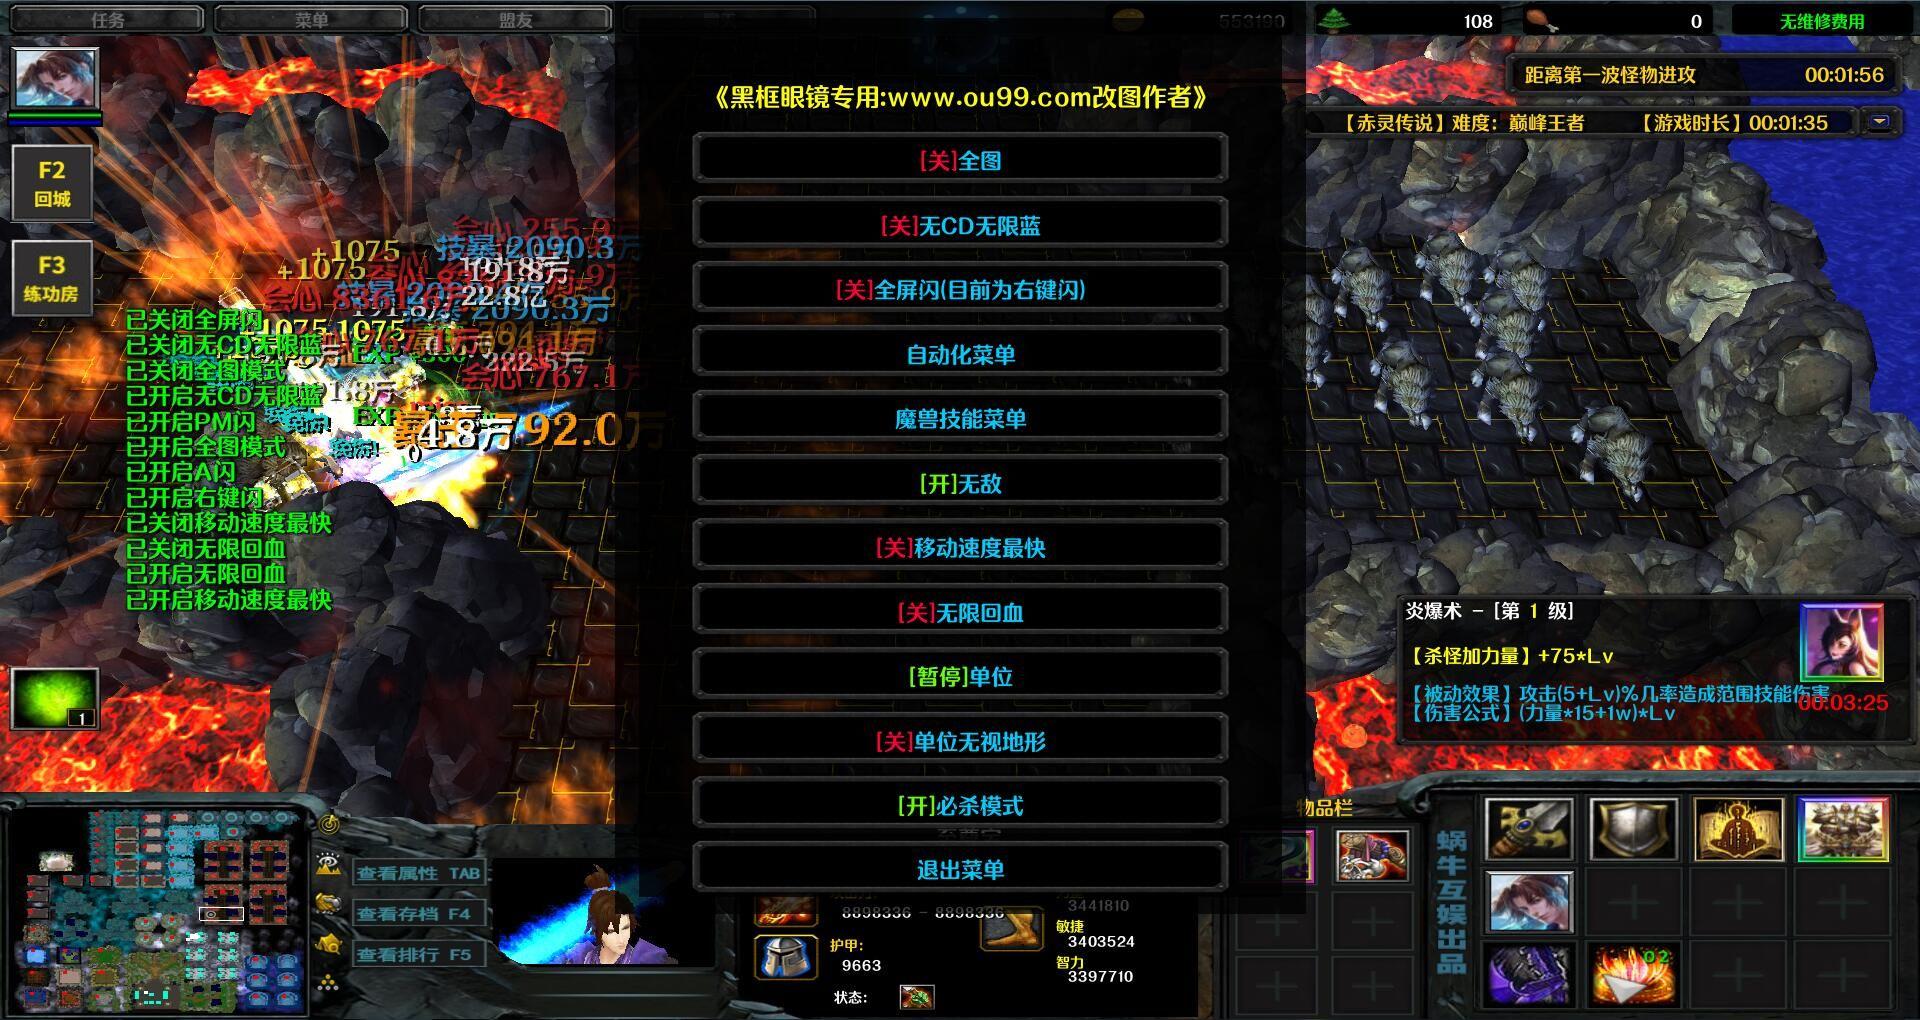 赤灵传说1.1.3黑式破解 全限定英雄+全商城特权+称号武器翅膀+无CD全屏闪+存档代刷